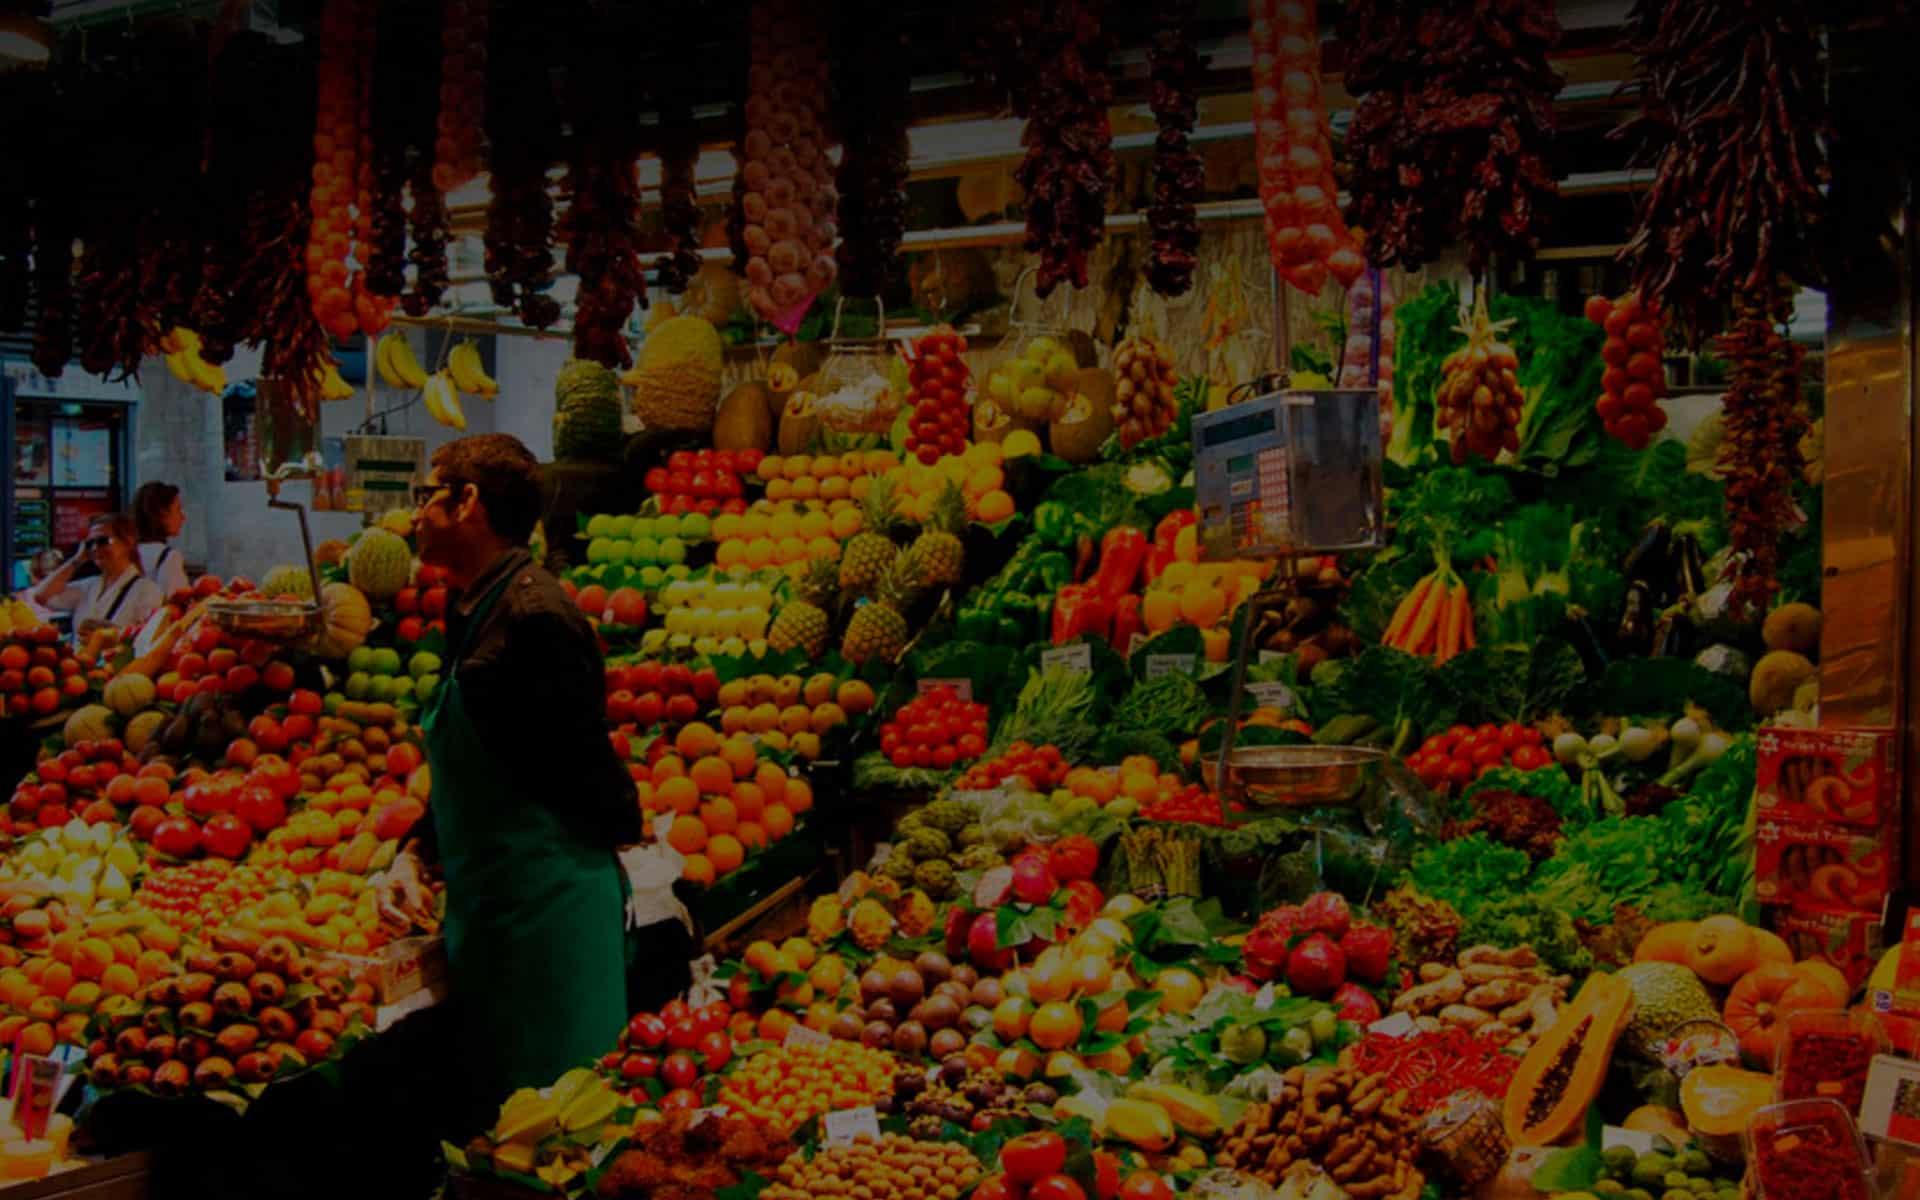 imagen de campaña homenaje a los fruteros melones el abuelo